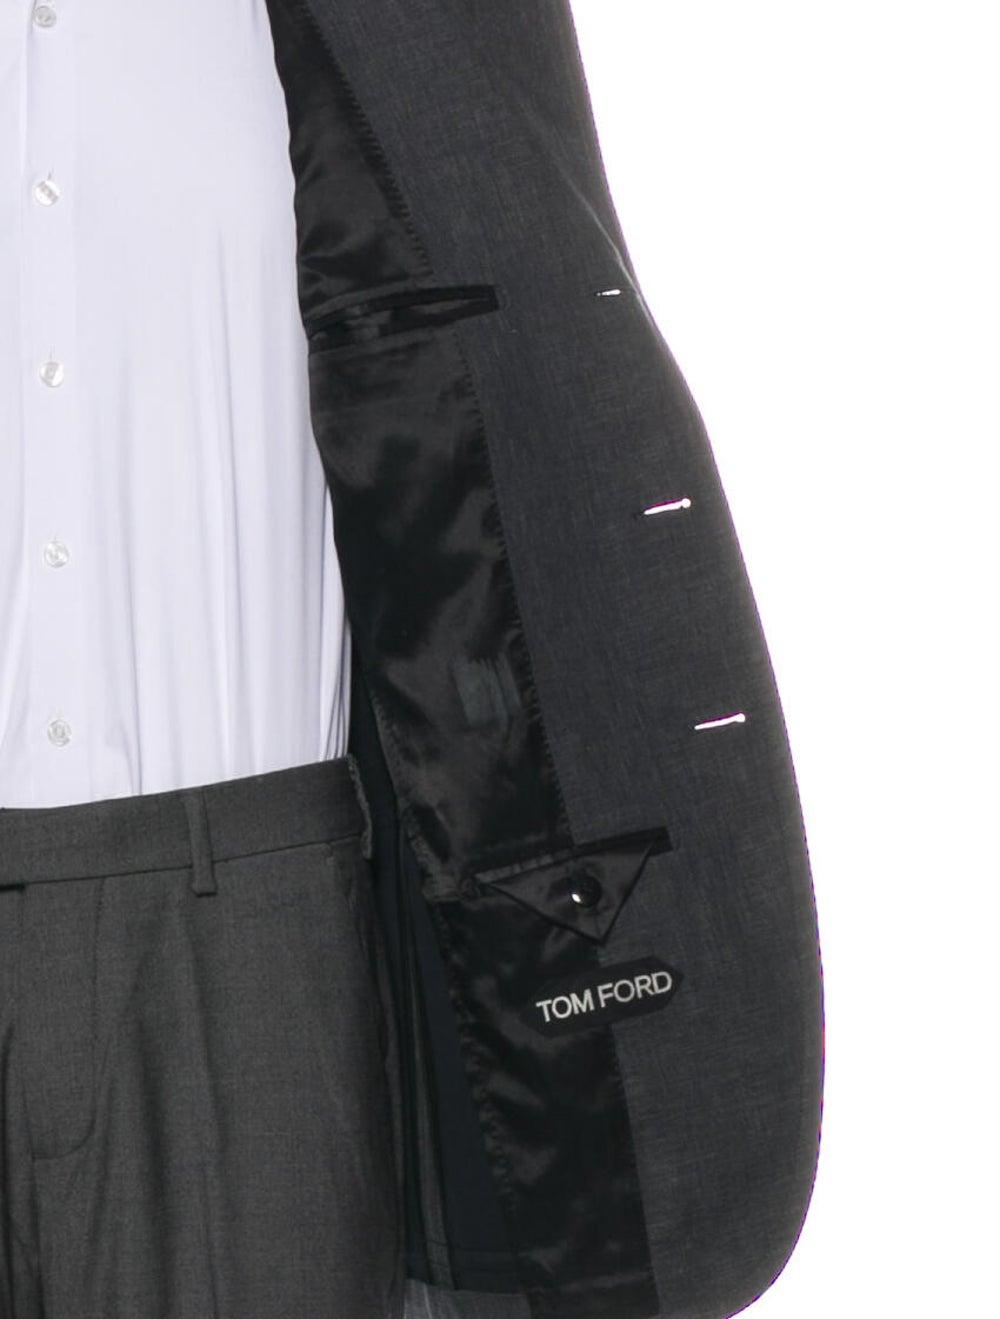 Tom Ford Linen Jacket Grey - image 4